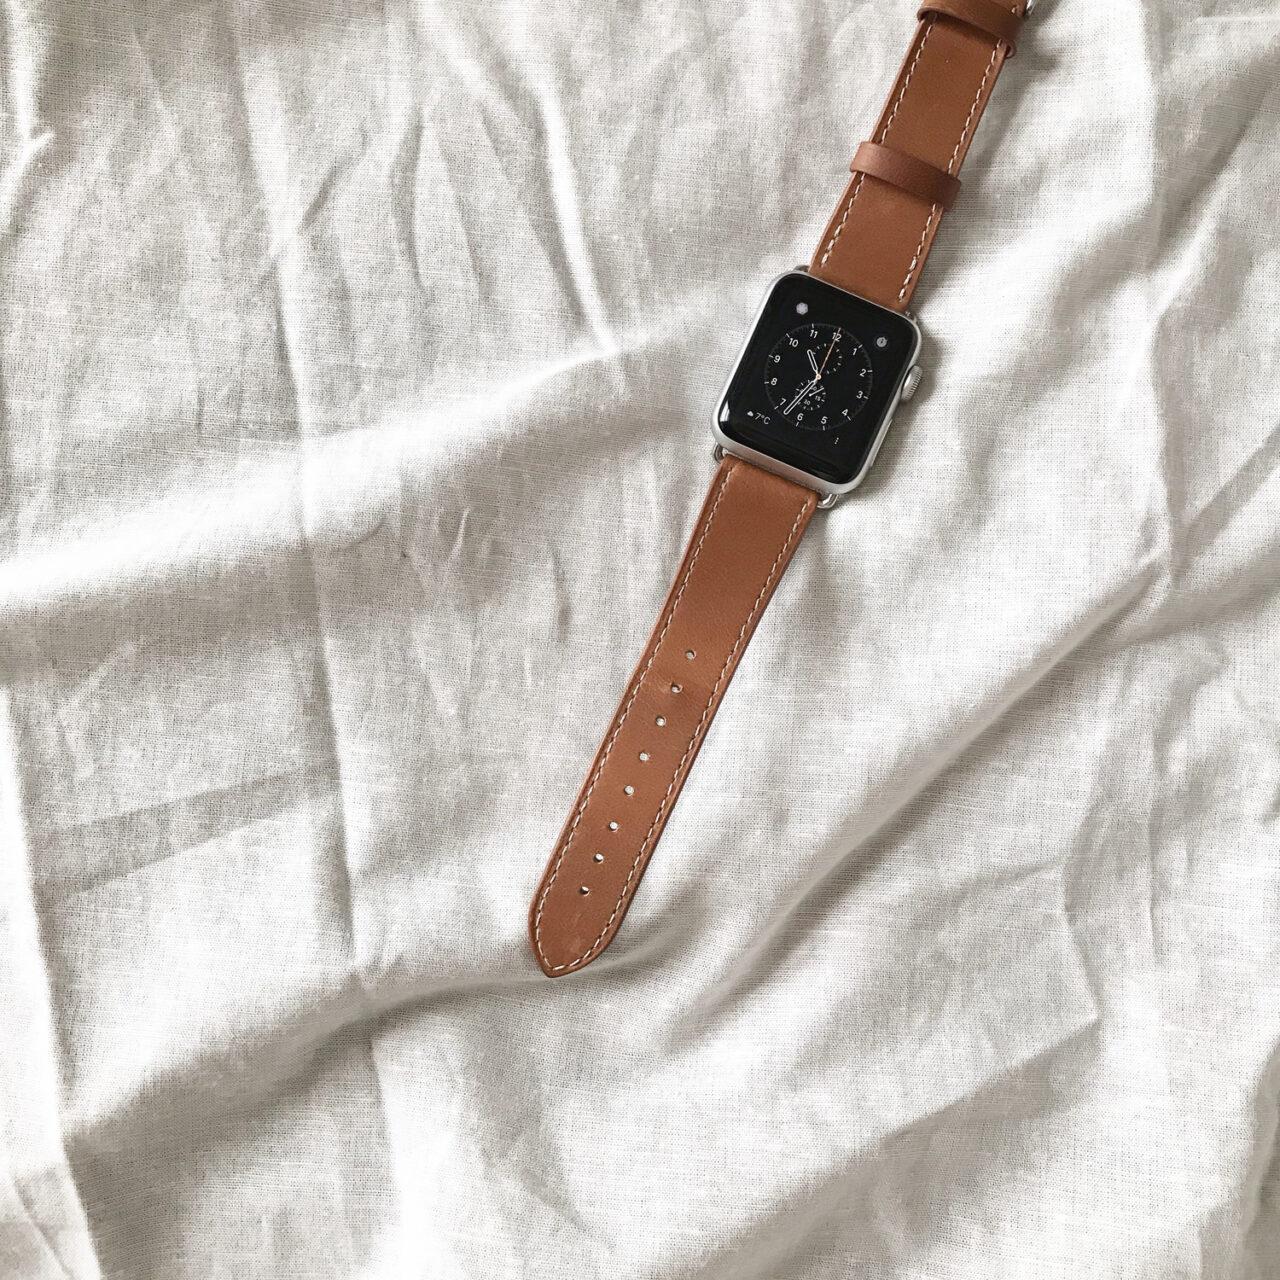 ベッドの上に腕時計が置かれている